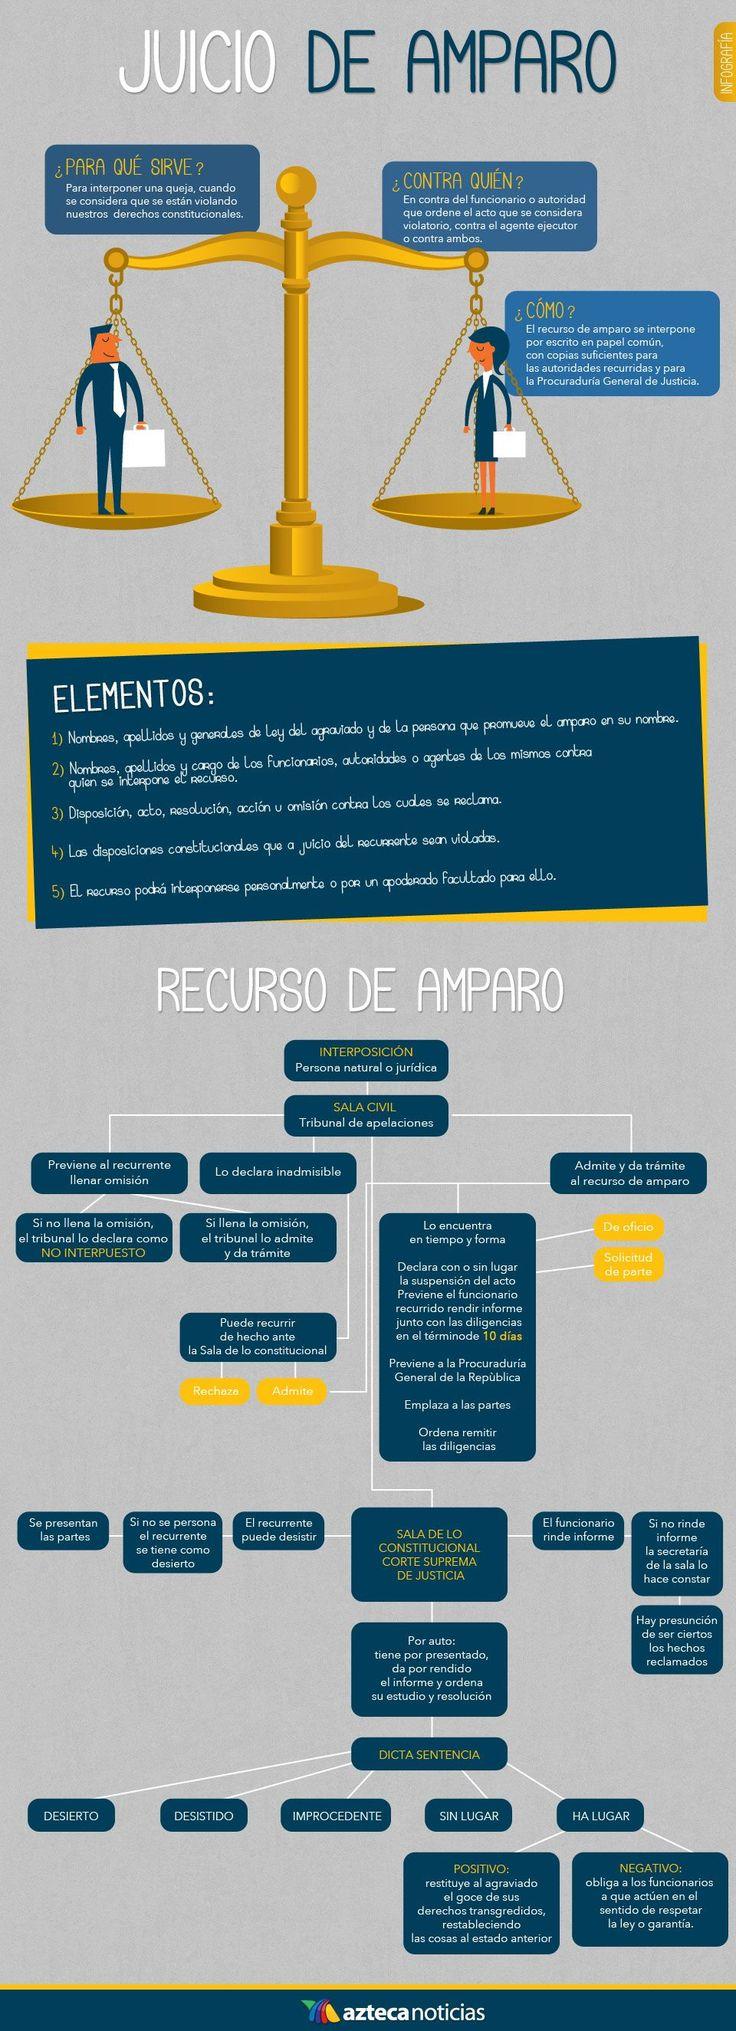 #infografia #infografia #juicio #amparo #juicio #amparo